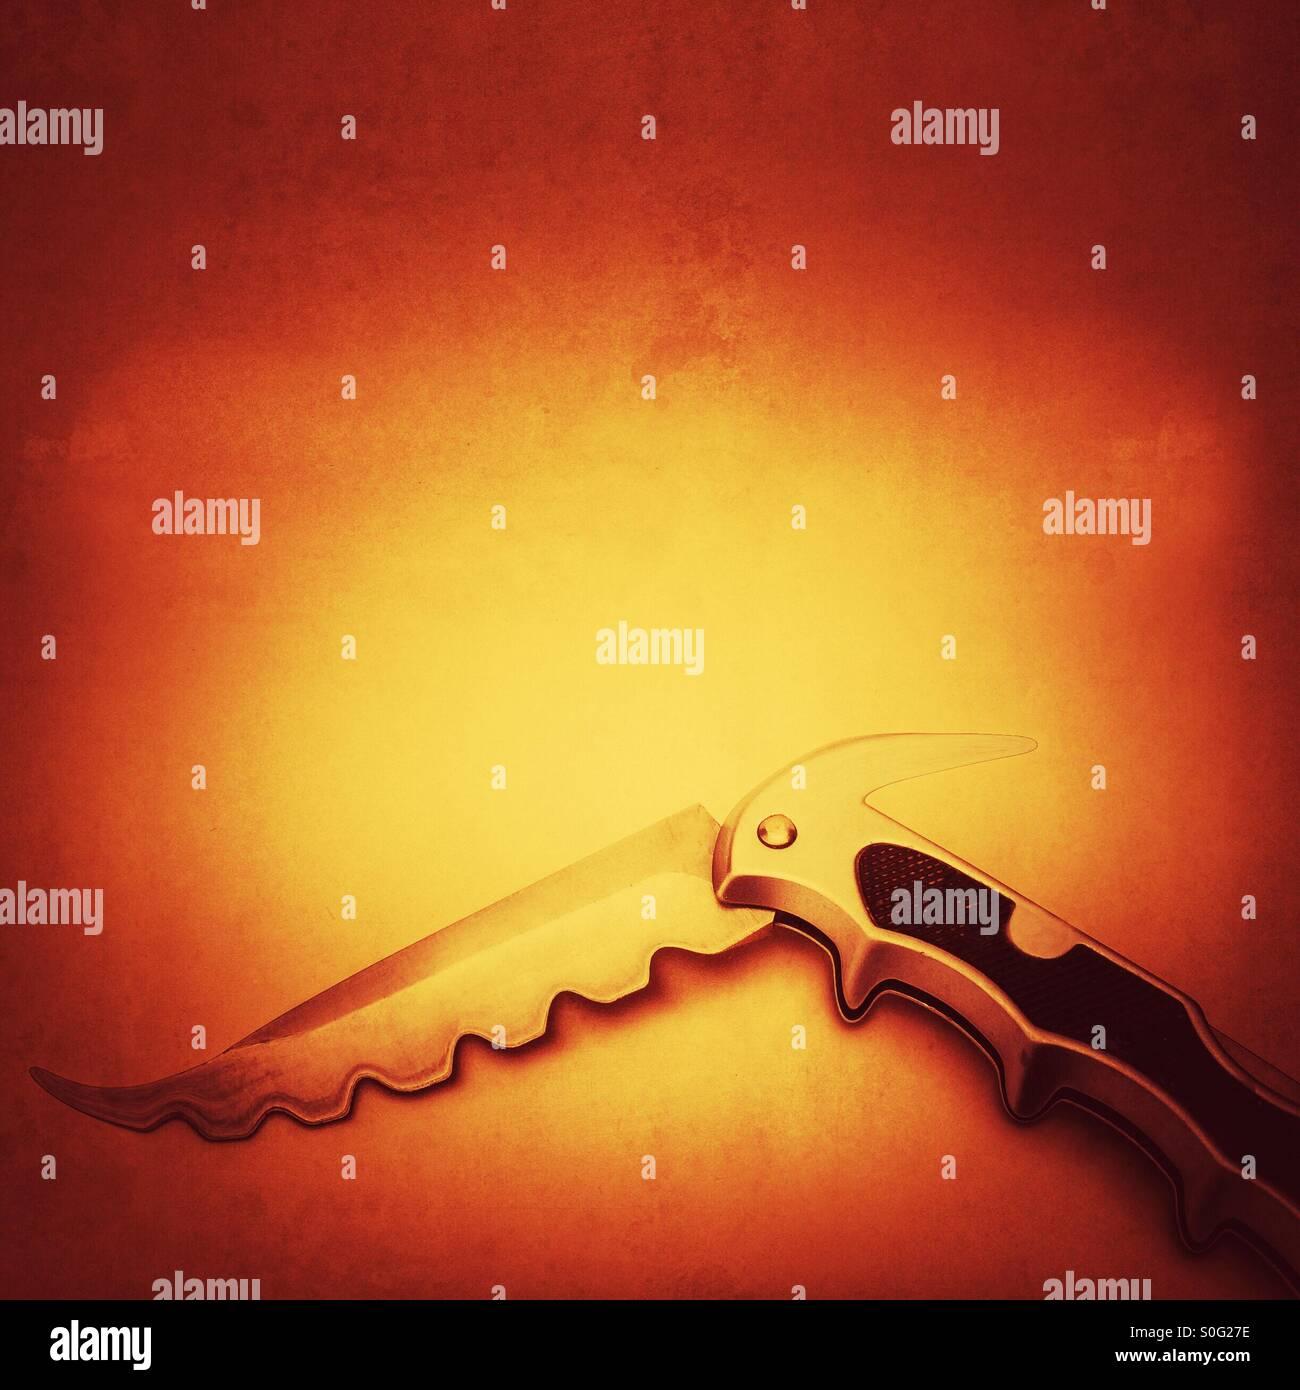 Image surréaliste montrant manipulé numériquement image de couteau de poche Photo Stock